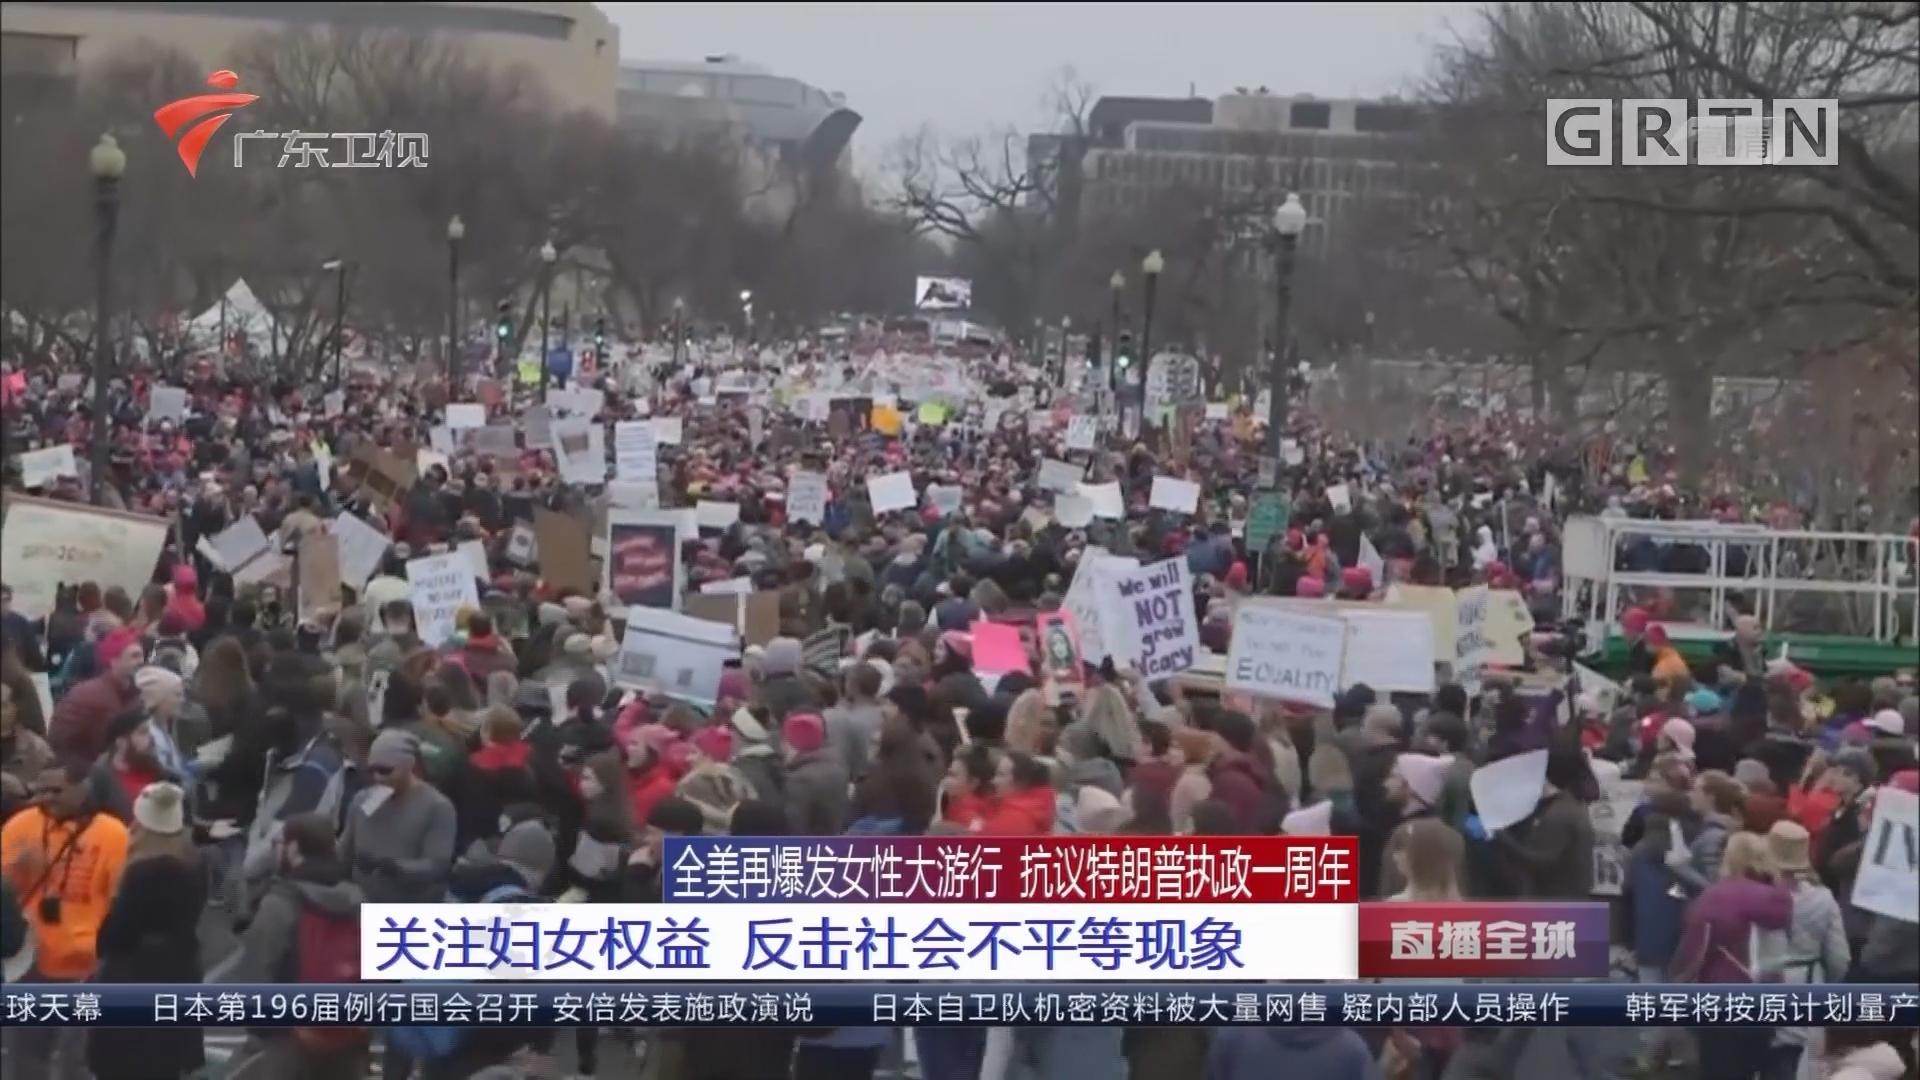 全美再爆发女性大游行 抗议特朗普执政一周年:关注妇女权益 反击社会不平等现象